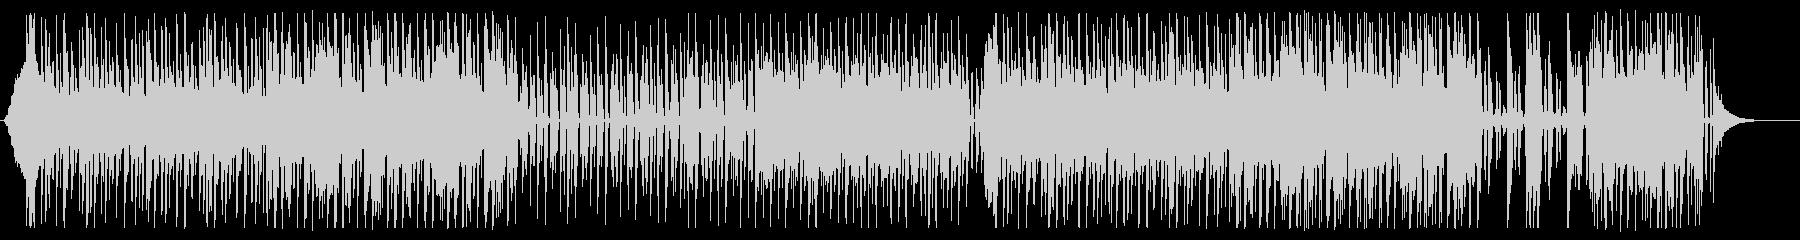 キュートで都会的なエレクトロポップの未再生の波形